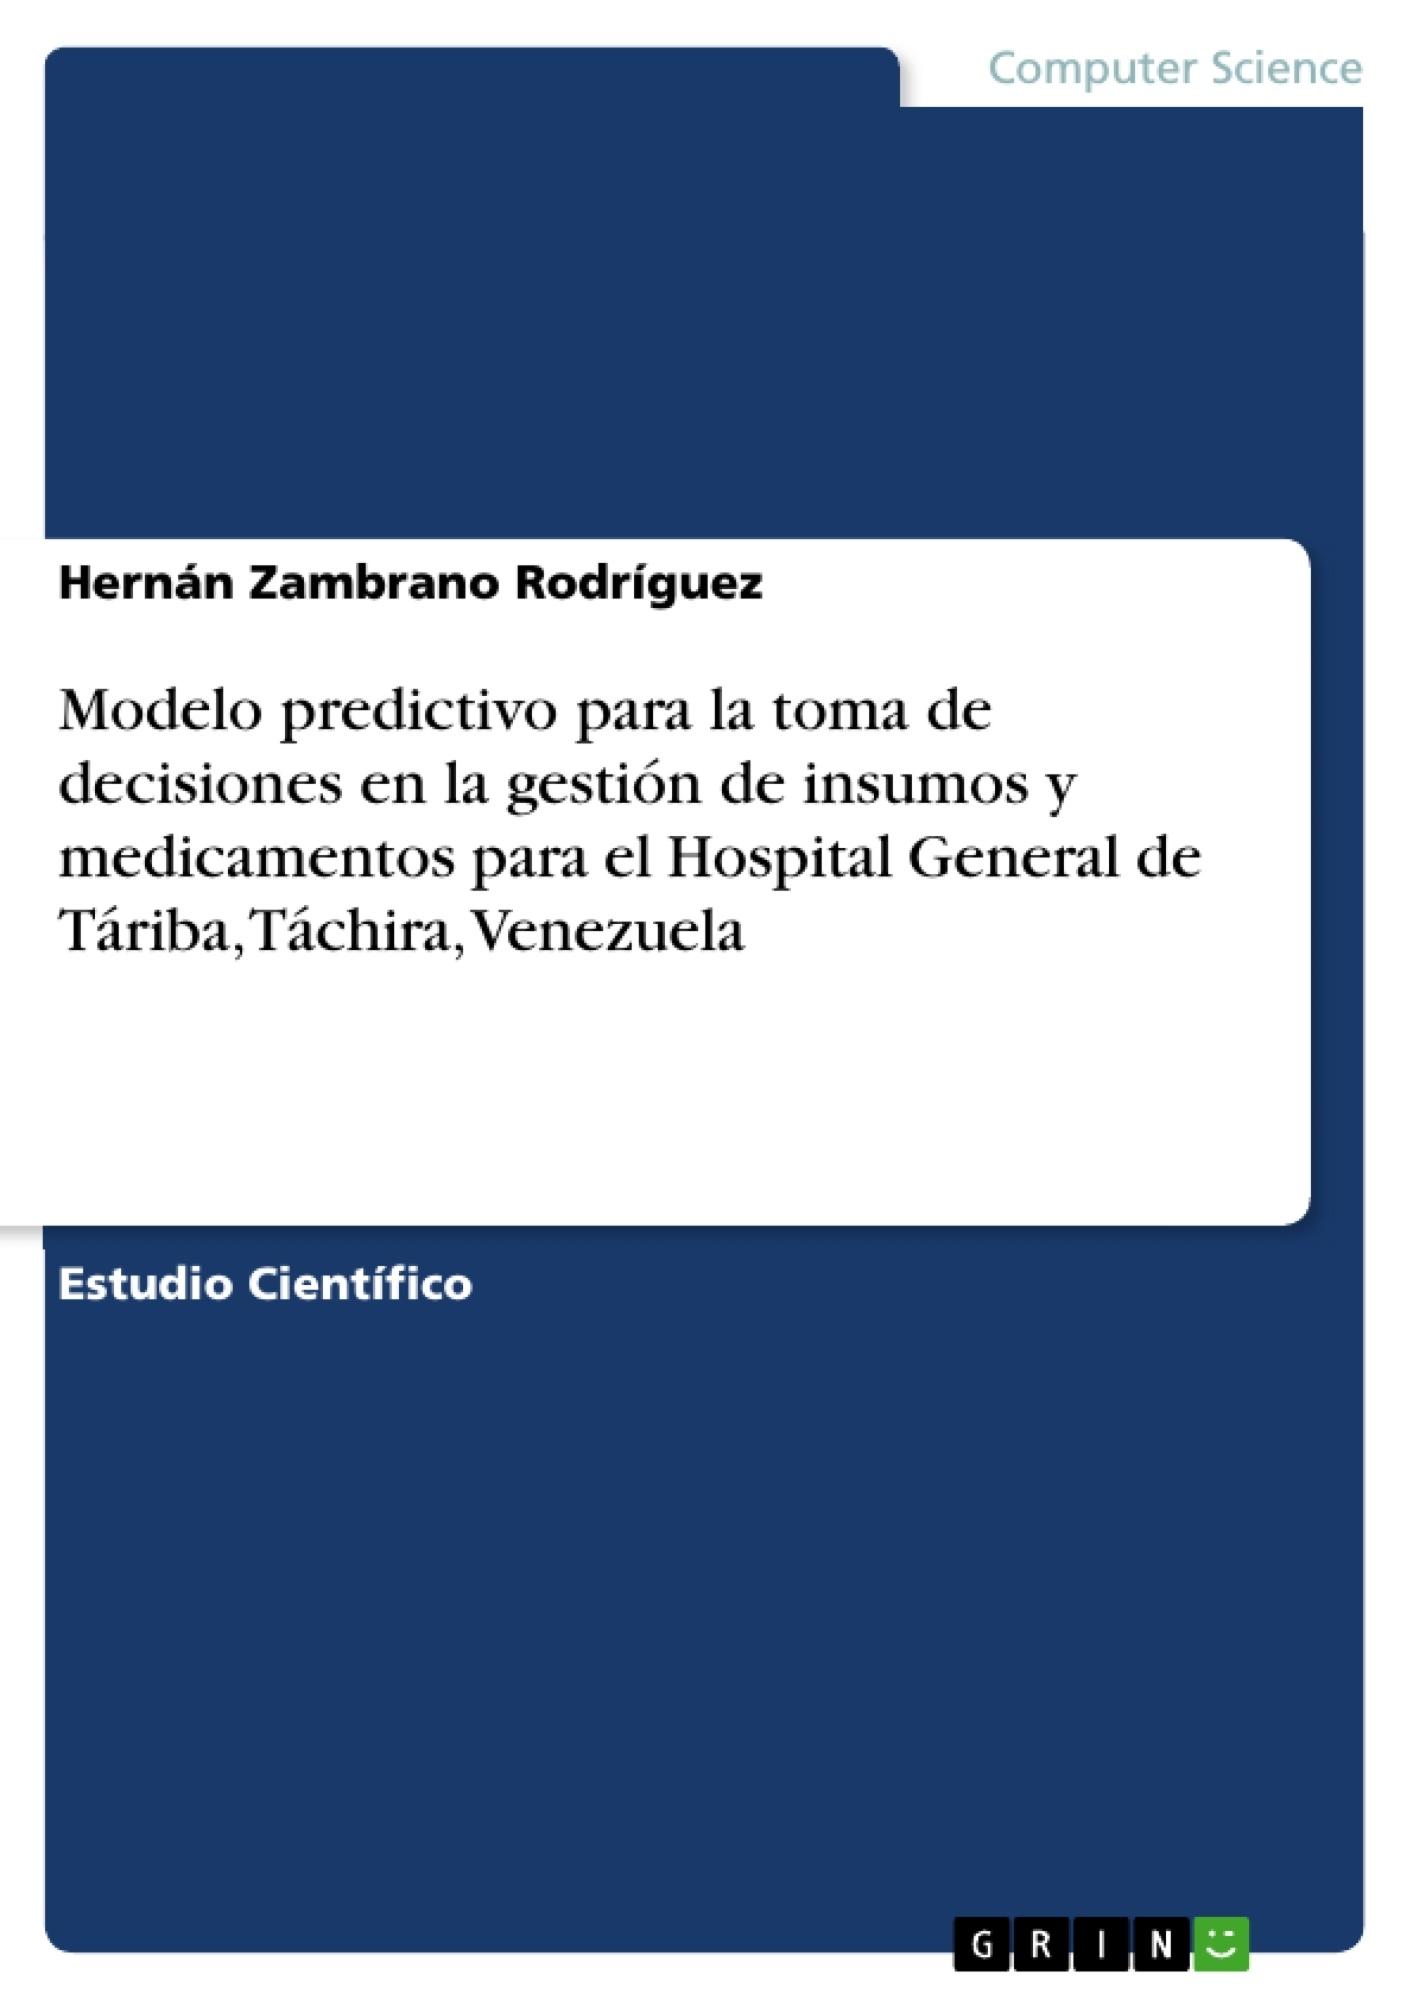 Título: Modelo predictivo para la toma de decisiones en la gestión de insumos y medicamentos para el Hospital General de Táriba, Táchira, Venezuela